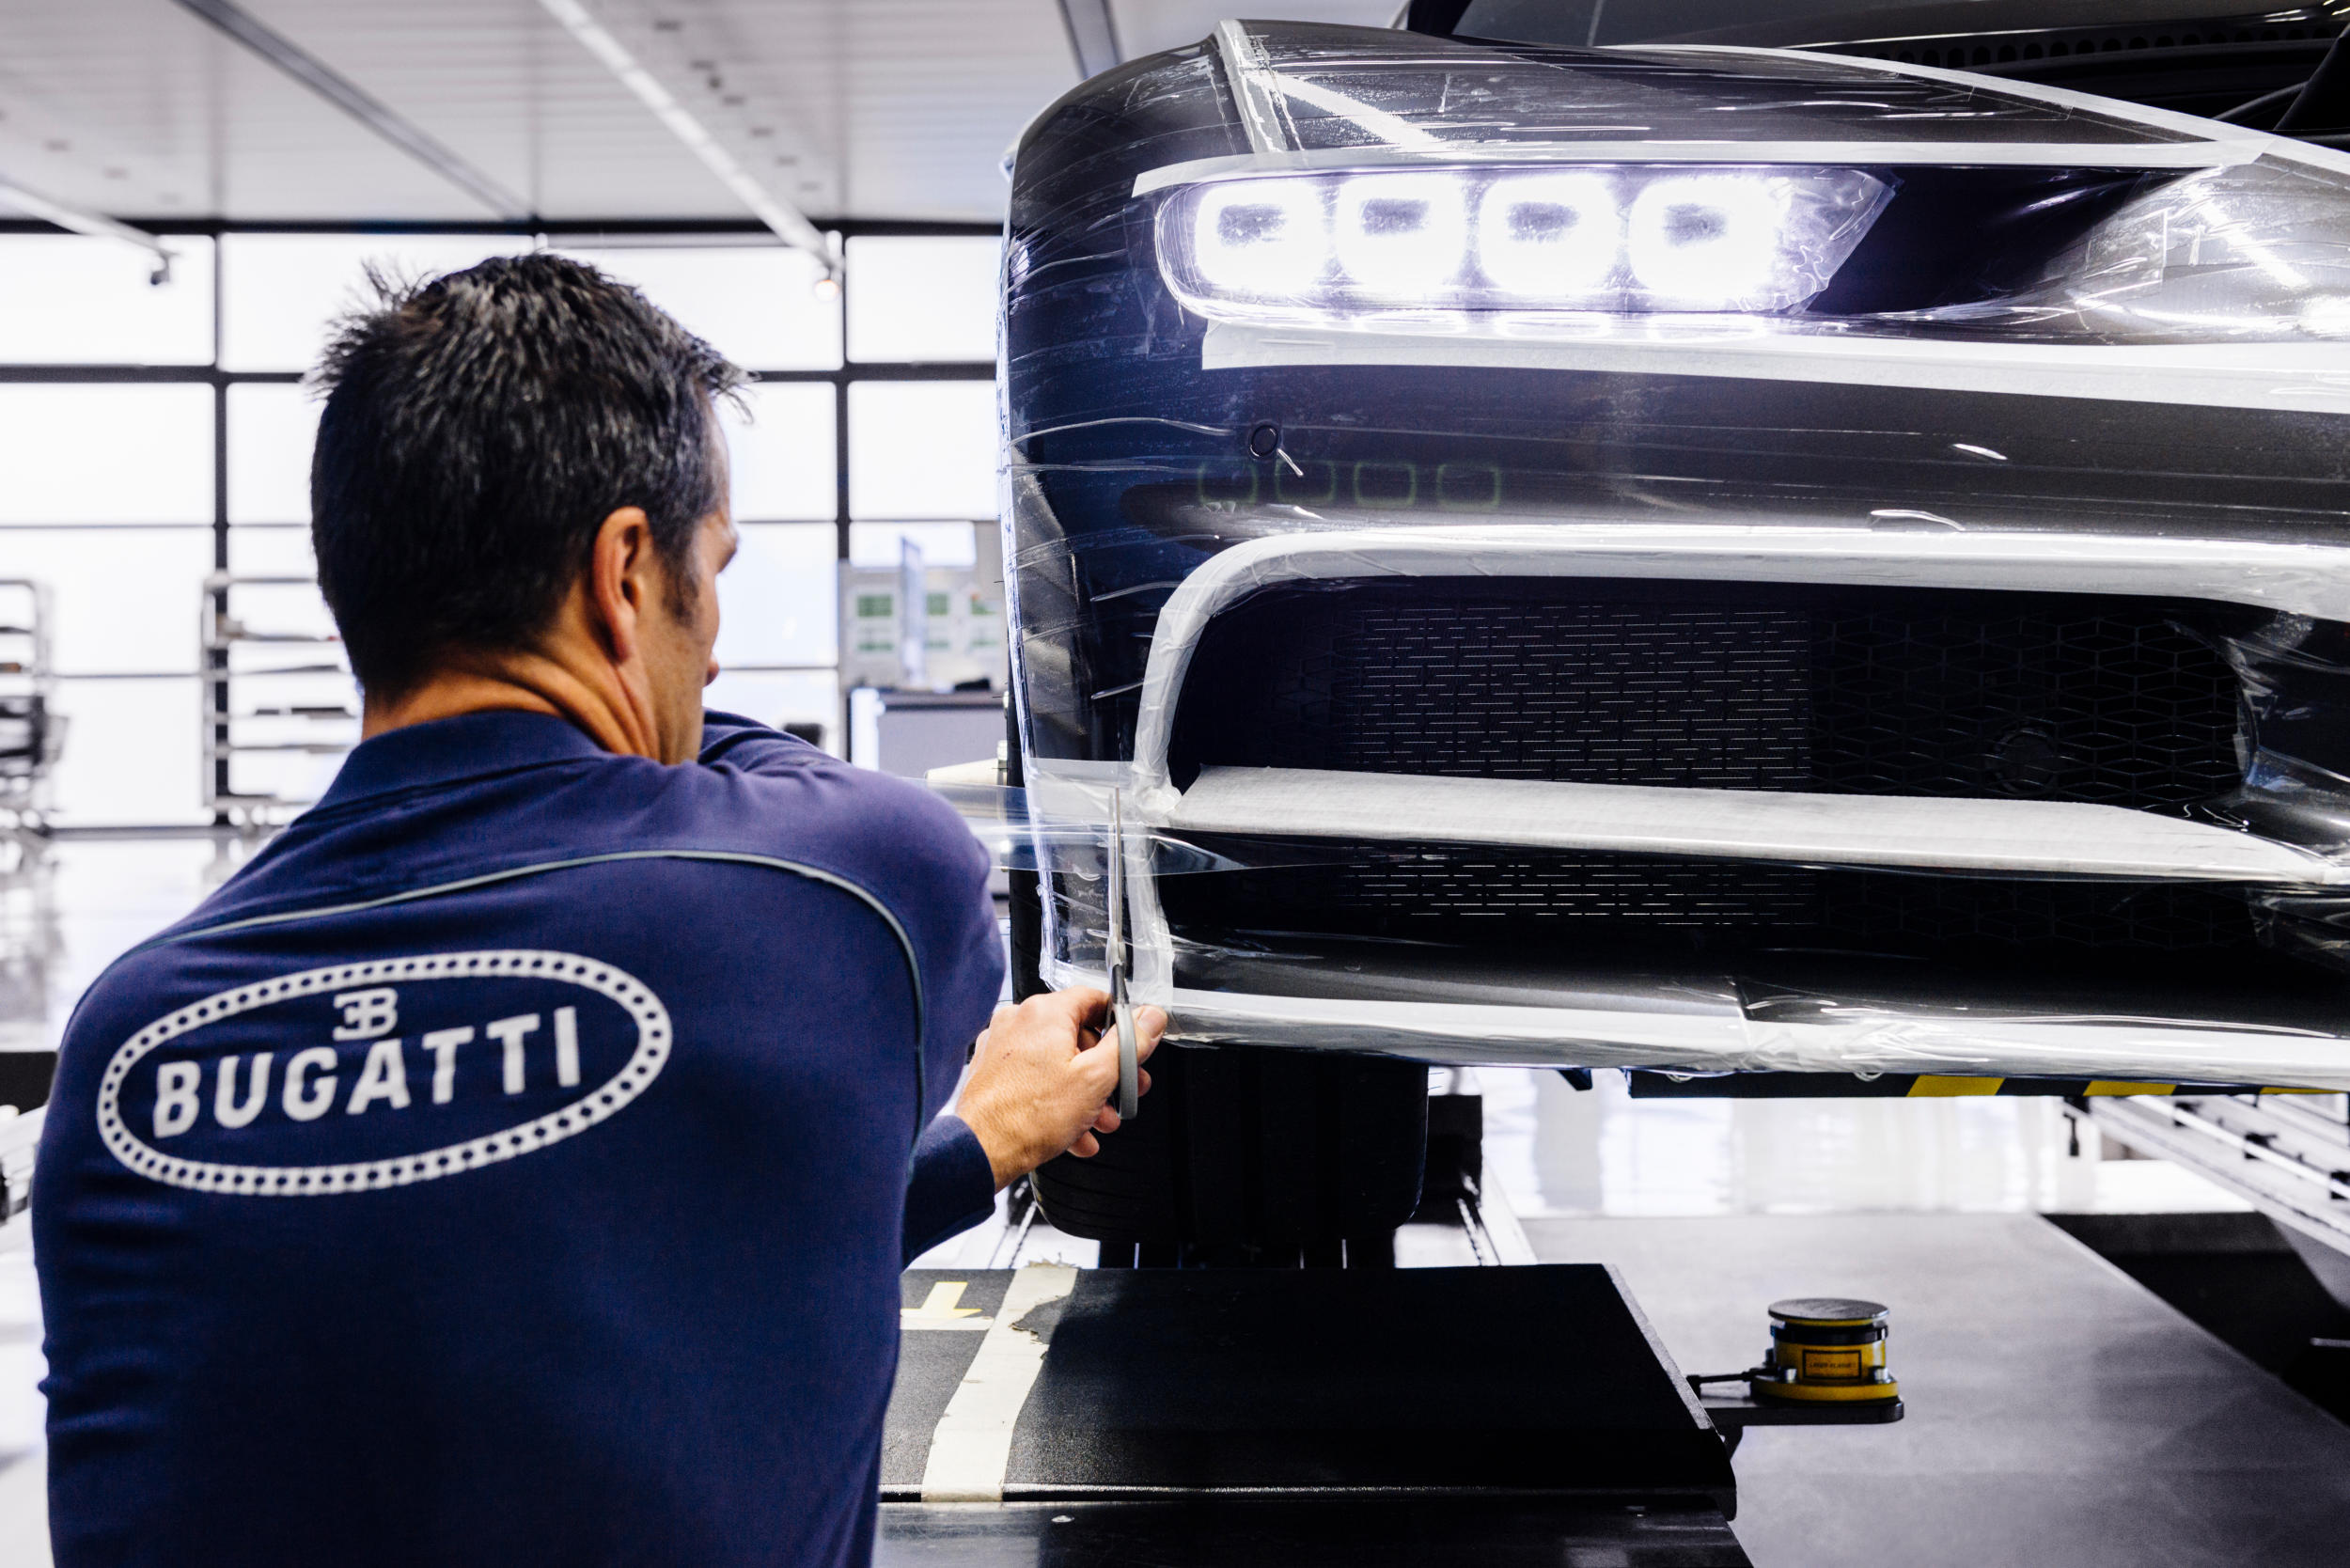 Bugatti chiron fabriek MAN MAN 11